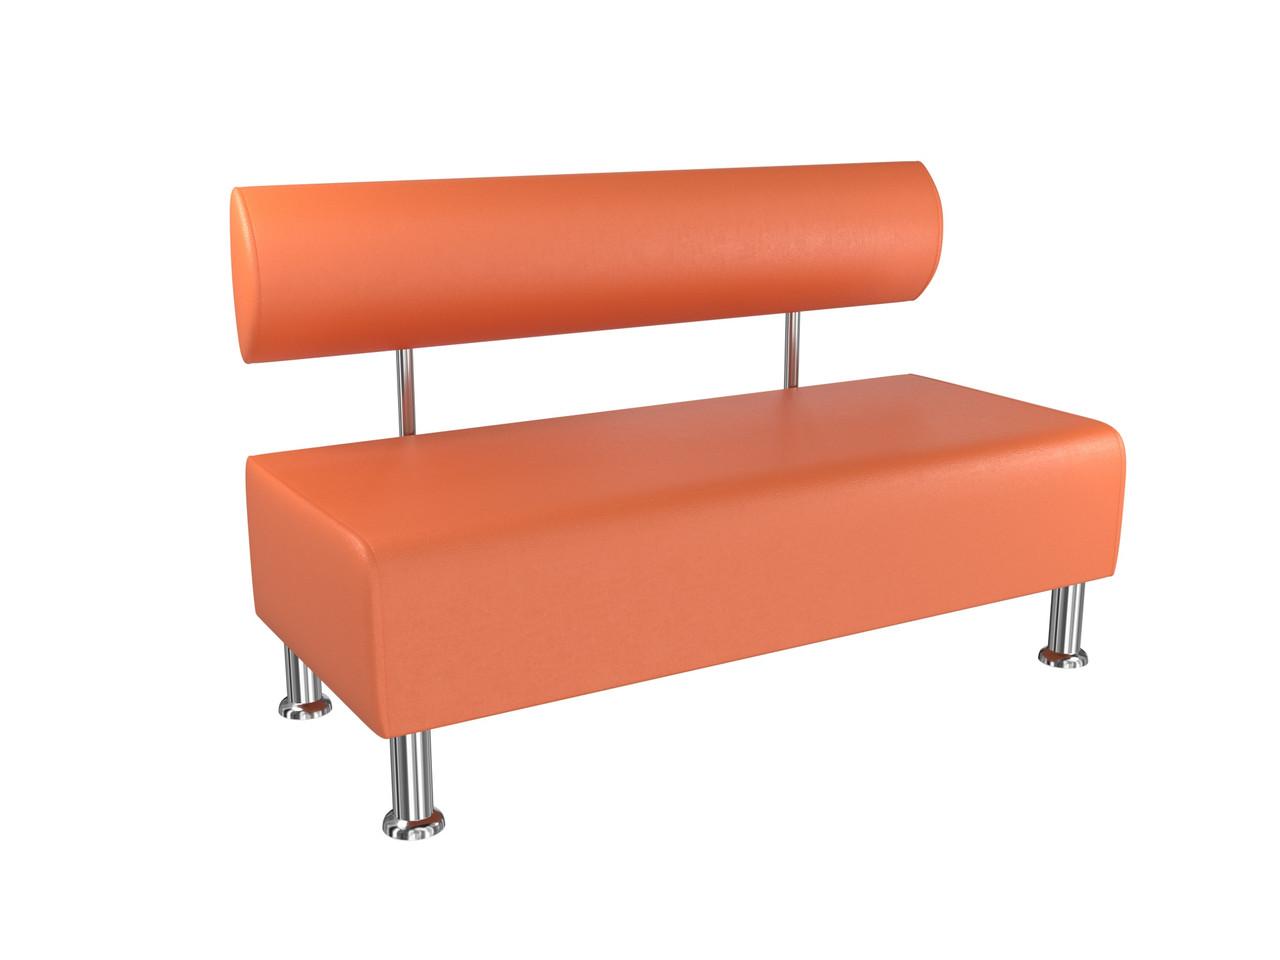 Диван BNB Solo 1200x540x750 оранжевый. Для школы, больницы, приемной, ожидания